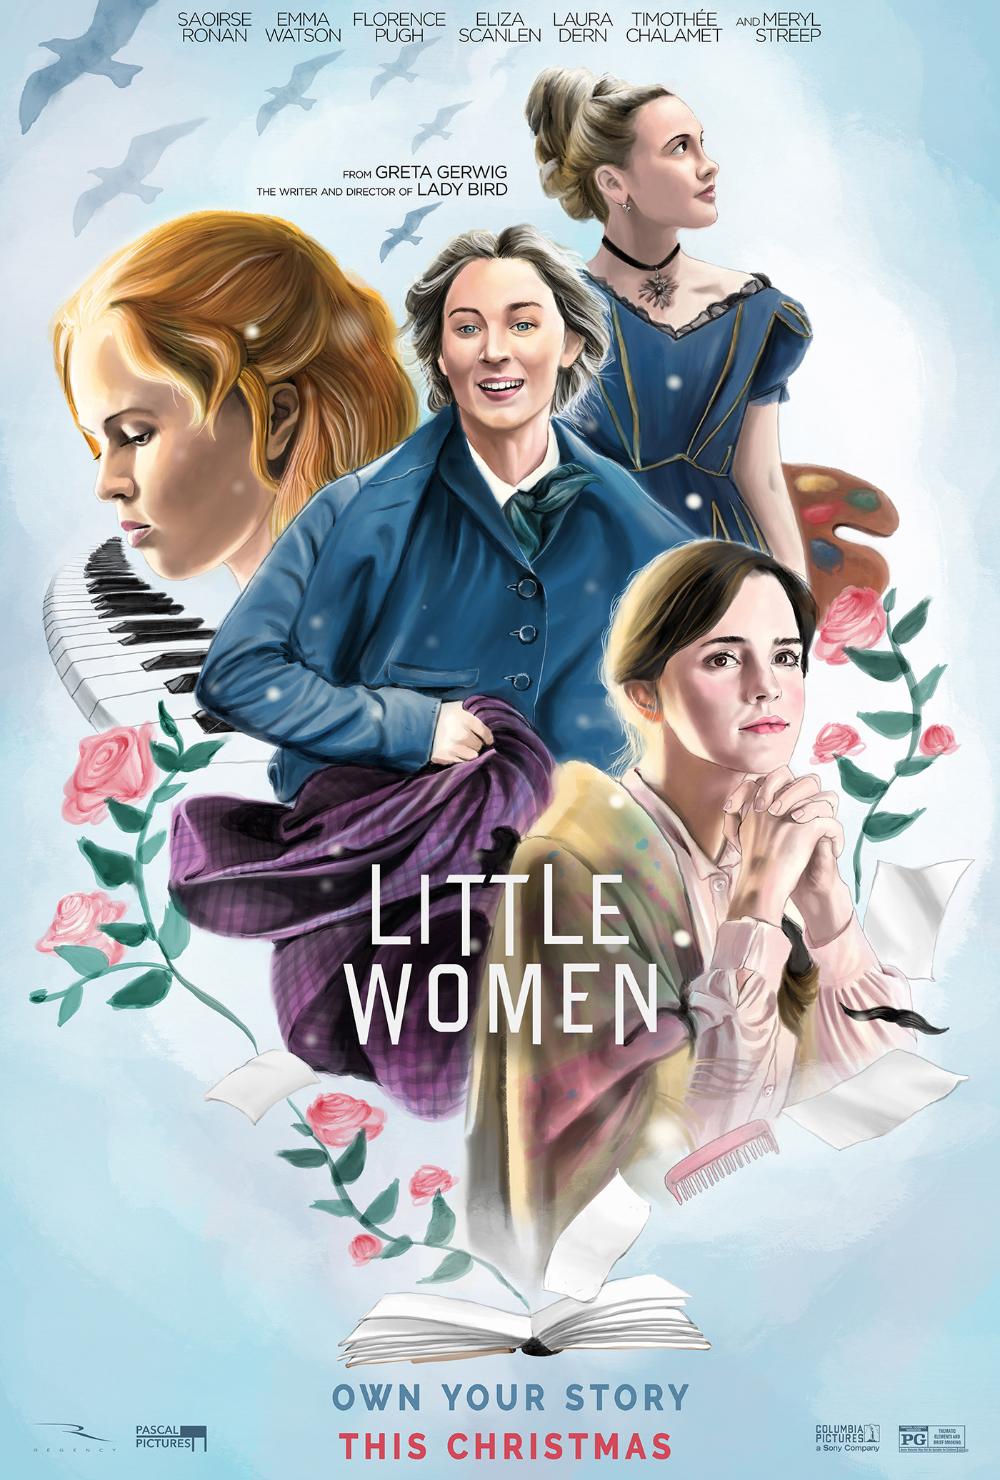 Little Women - Alternate Movie Posters on Behance en 2020 | Affiche de film, Films rétro, Idées ...